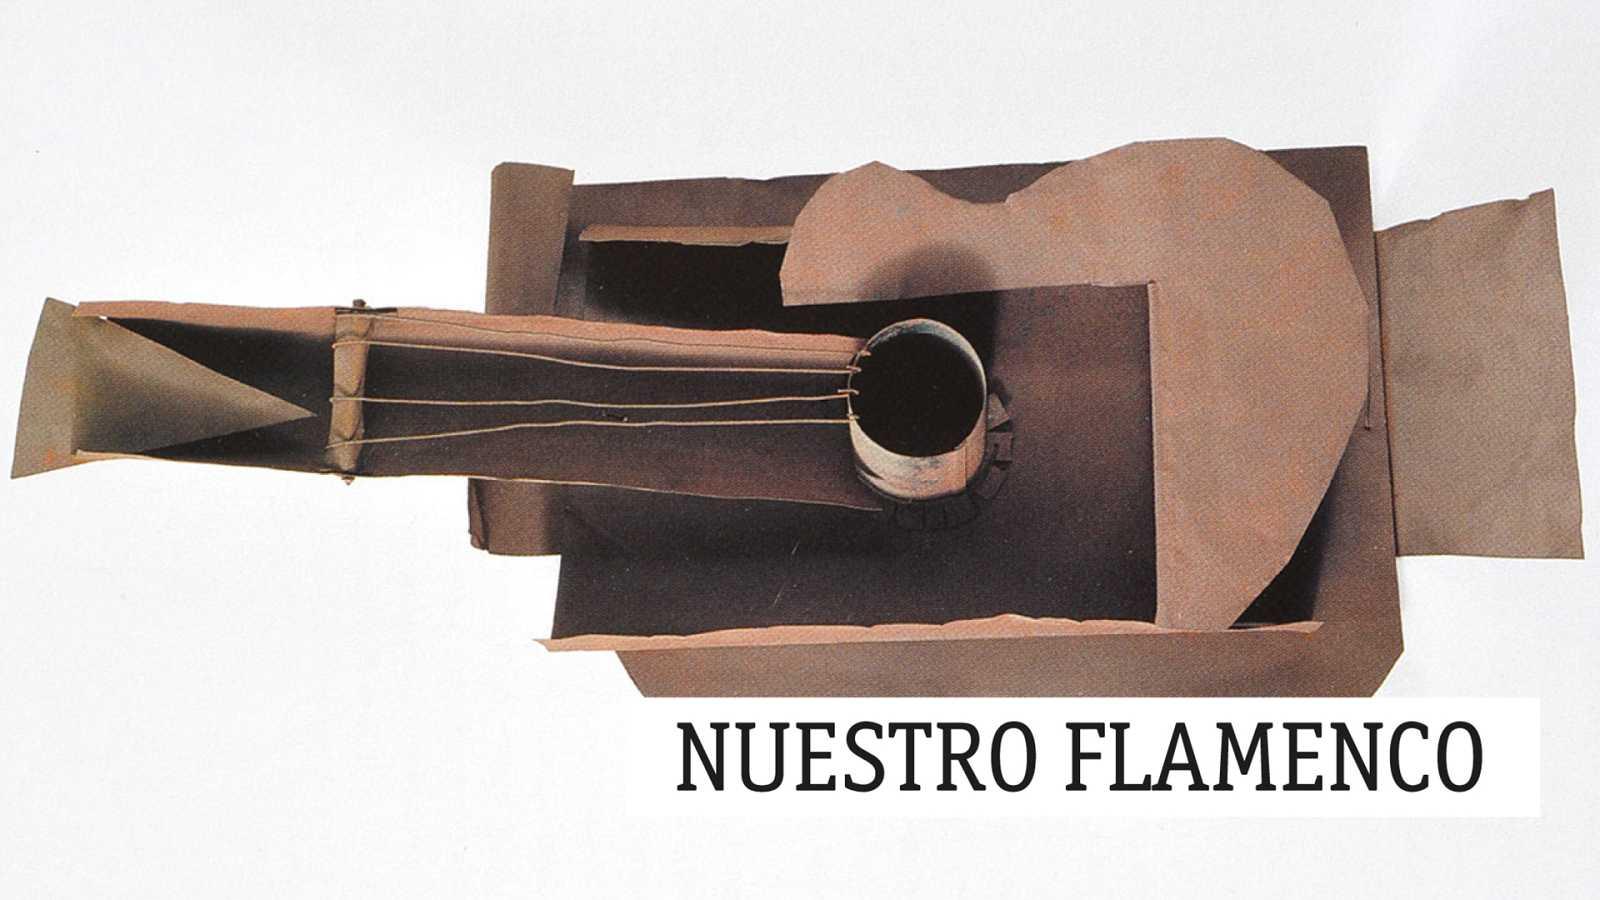 Nuestro flamenco - París con Rafael Romero y Juan Varea - 24/11/20 - escuchar ahora